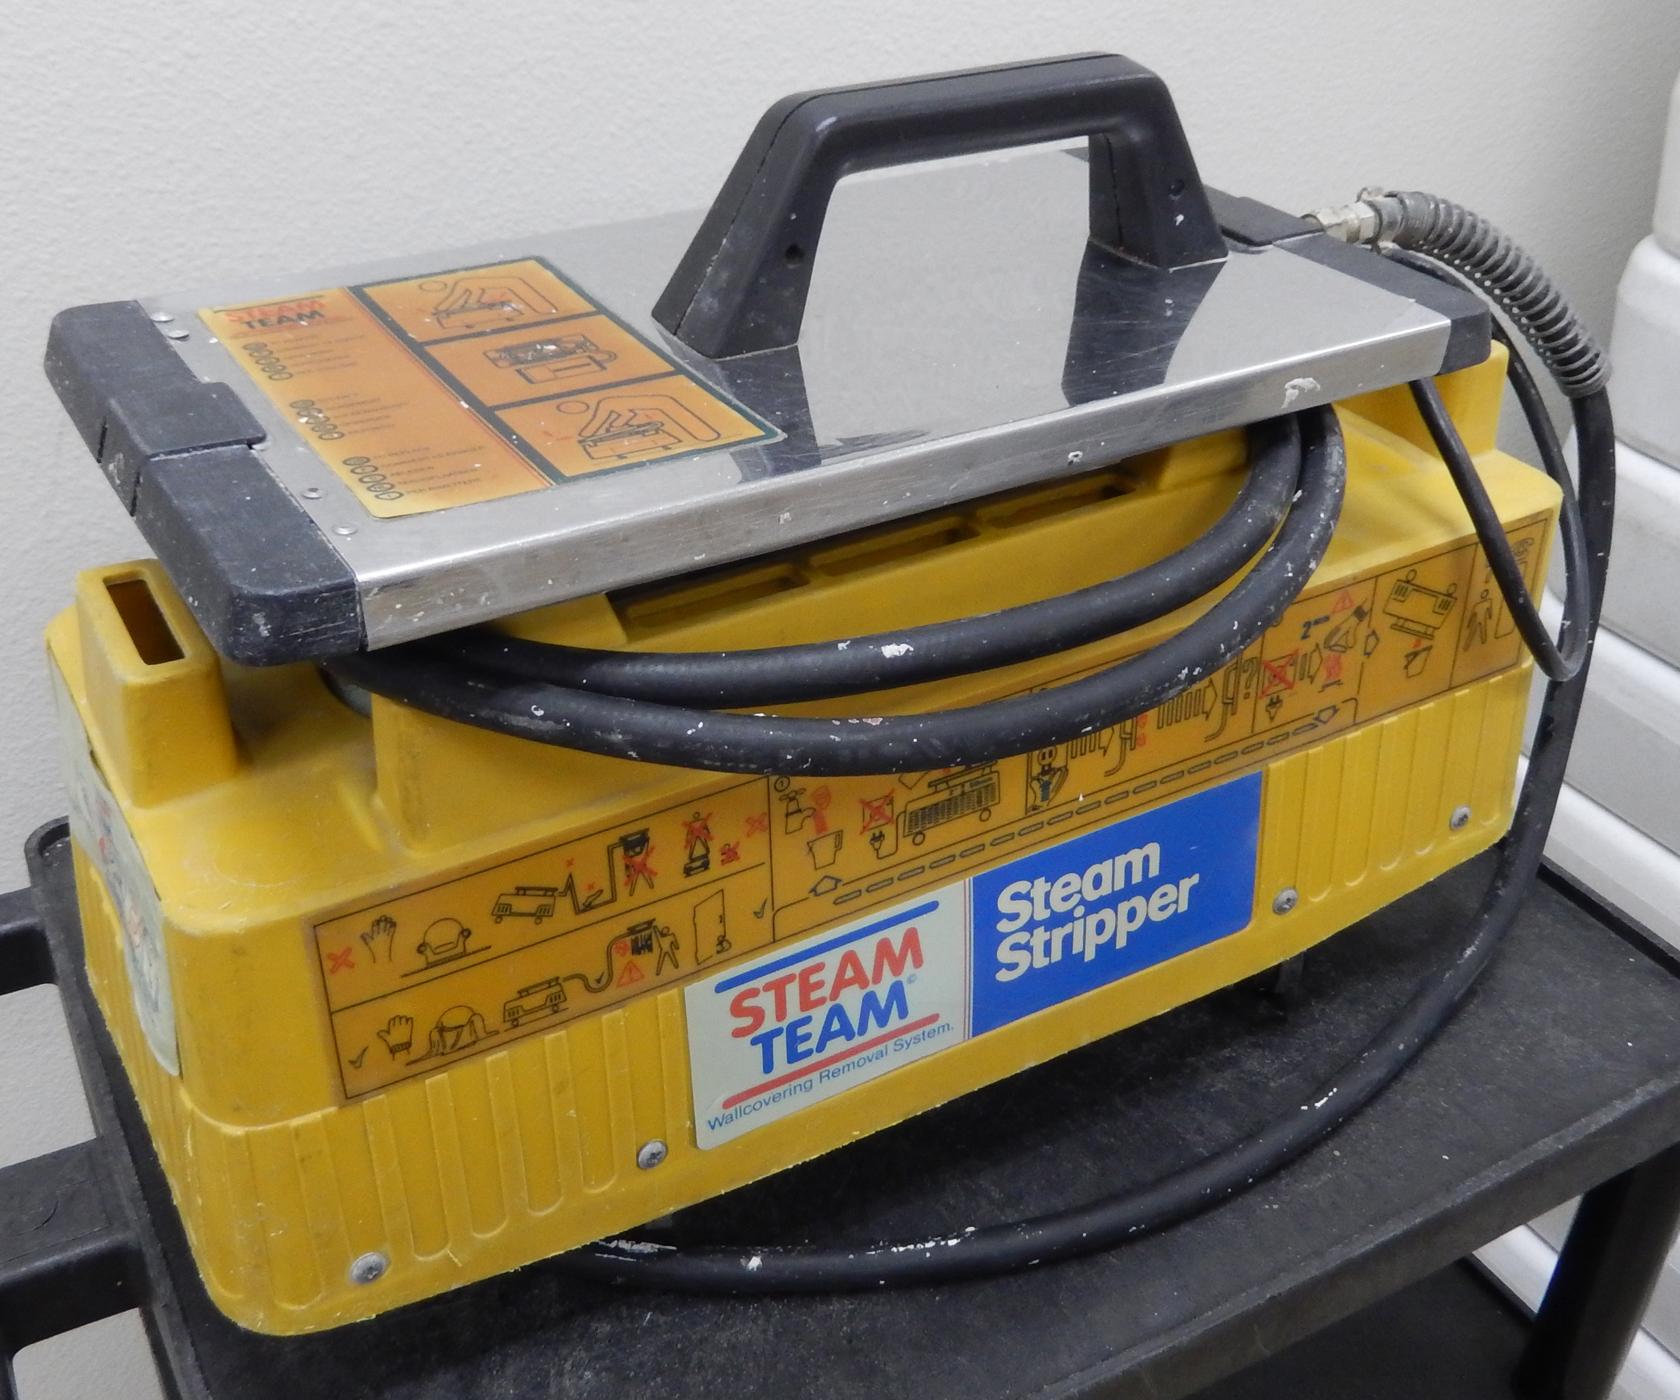 Wallpaper removal steamer rental in Iowa City Cedar Rapids 1680x1400